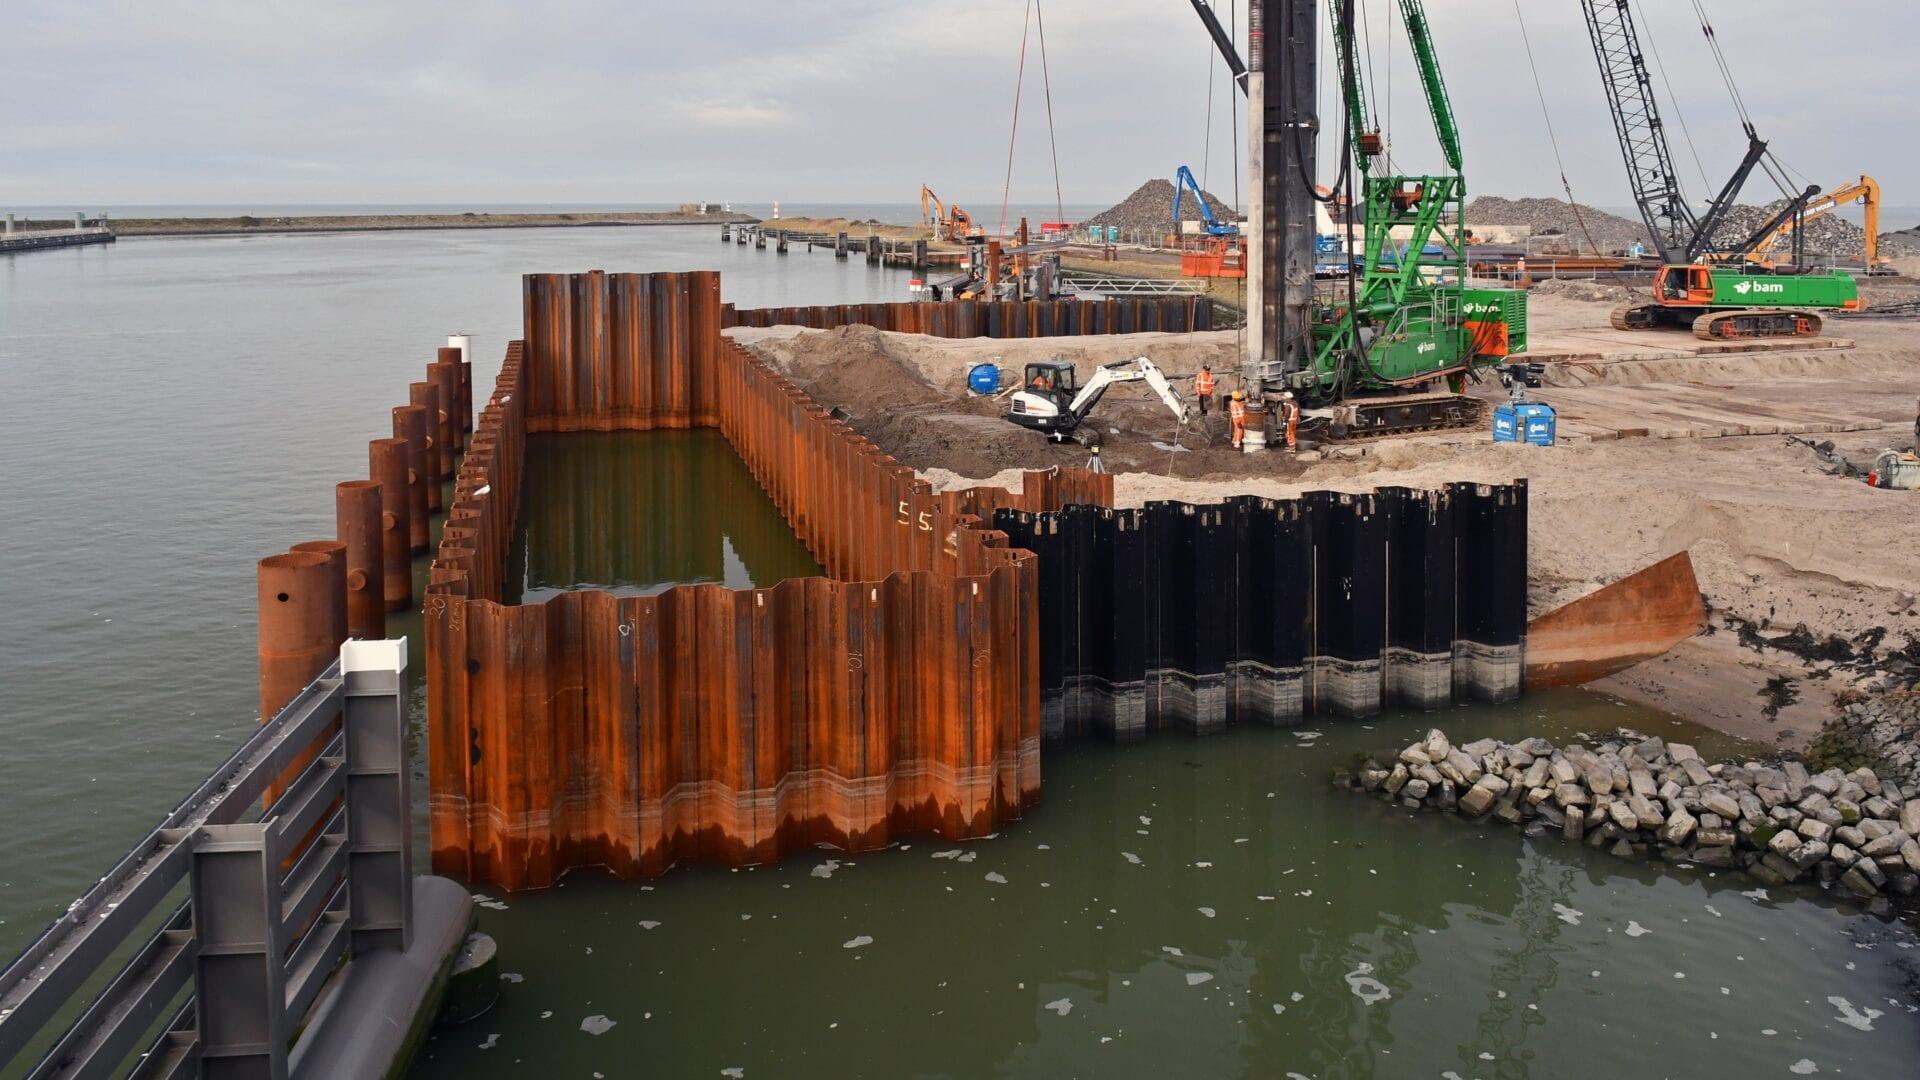 Op de foto zie je de BSFI-palen die in het water bij de keersluis van Kornwerderzand komen. De palen staan in een vierkant en vormen een gesloten ruimte in het water.